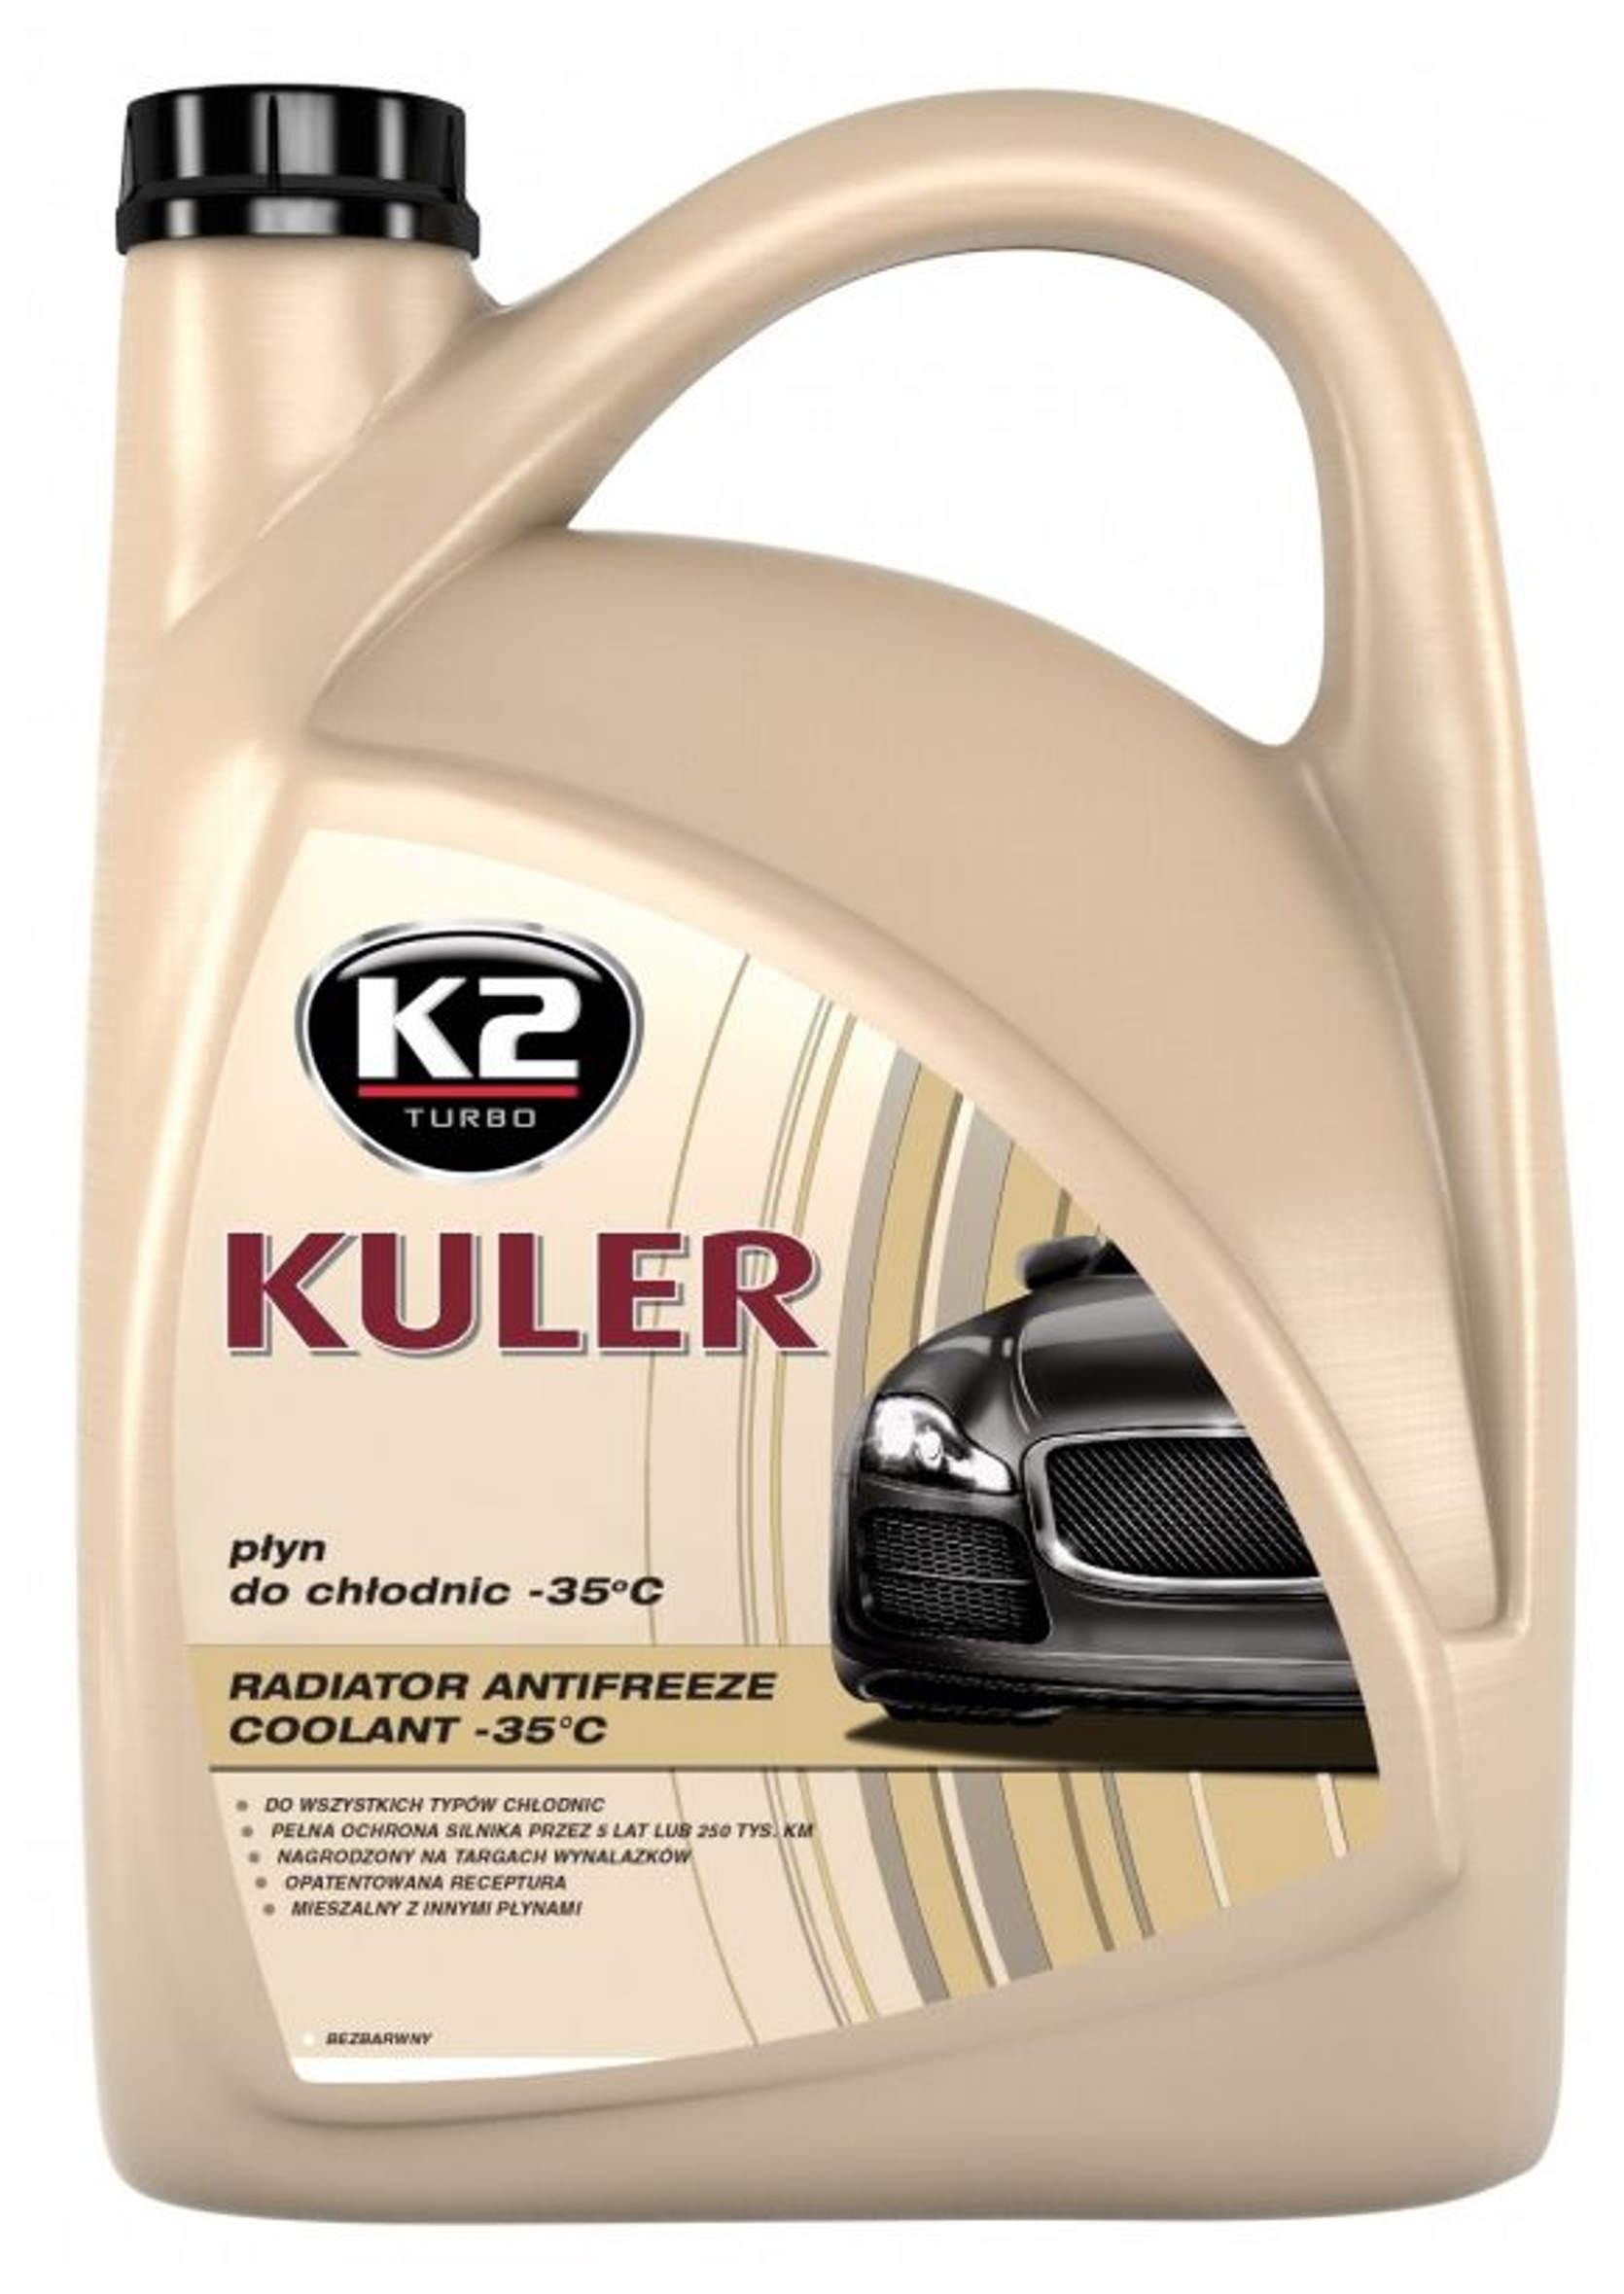 K2 Kuler Płyn do Chłodnic Bezbarwny -35C 5L